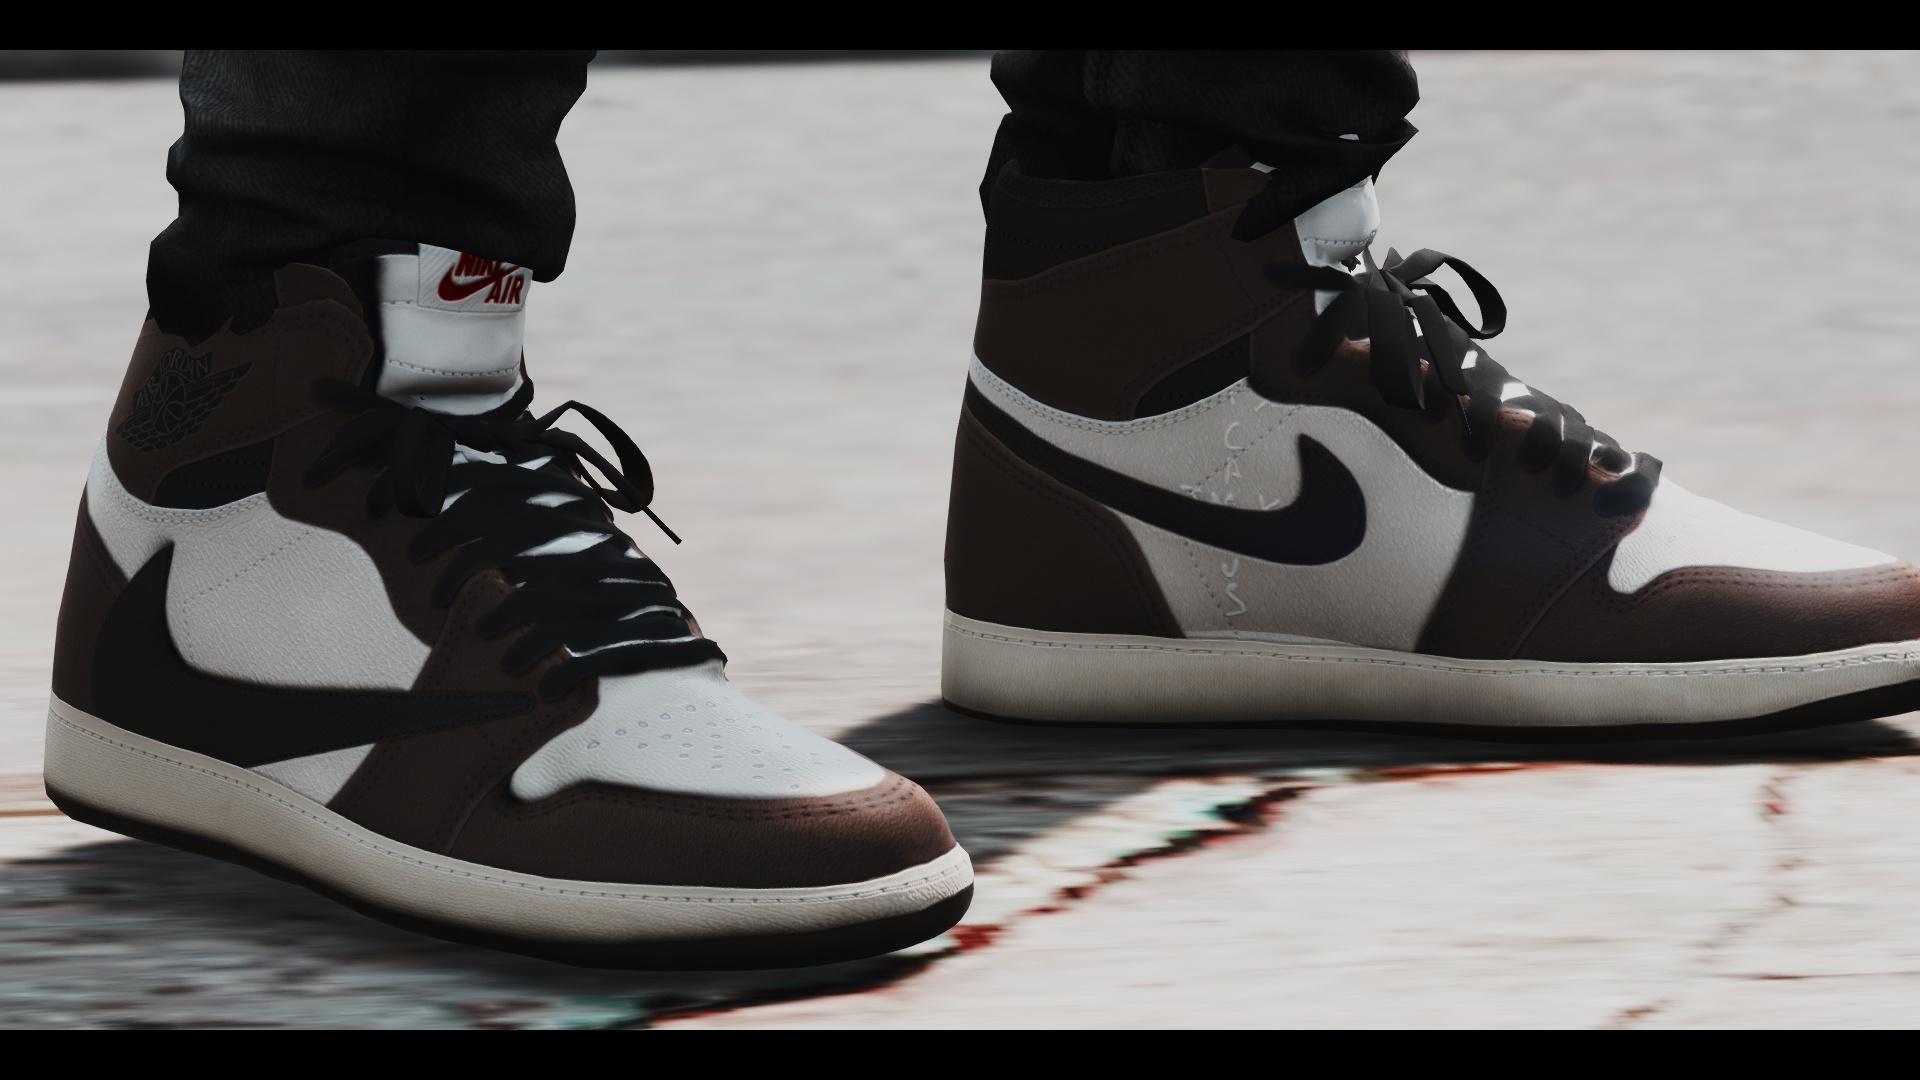 szczegółowe obrazy oficjalne zdjęcia 100% najwyższej jakości Travis Scott Sneaker Pack - GTA5-Mods.com